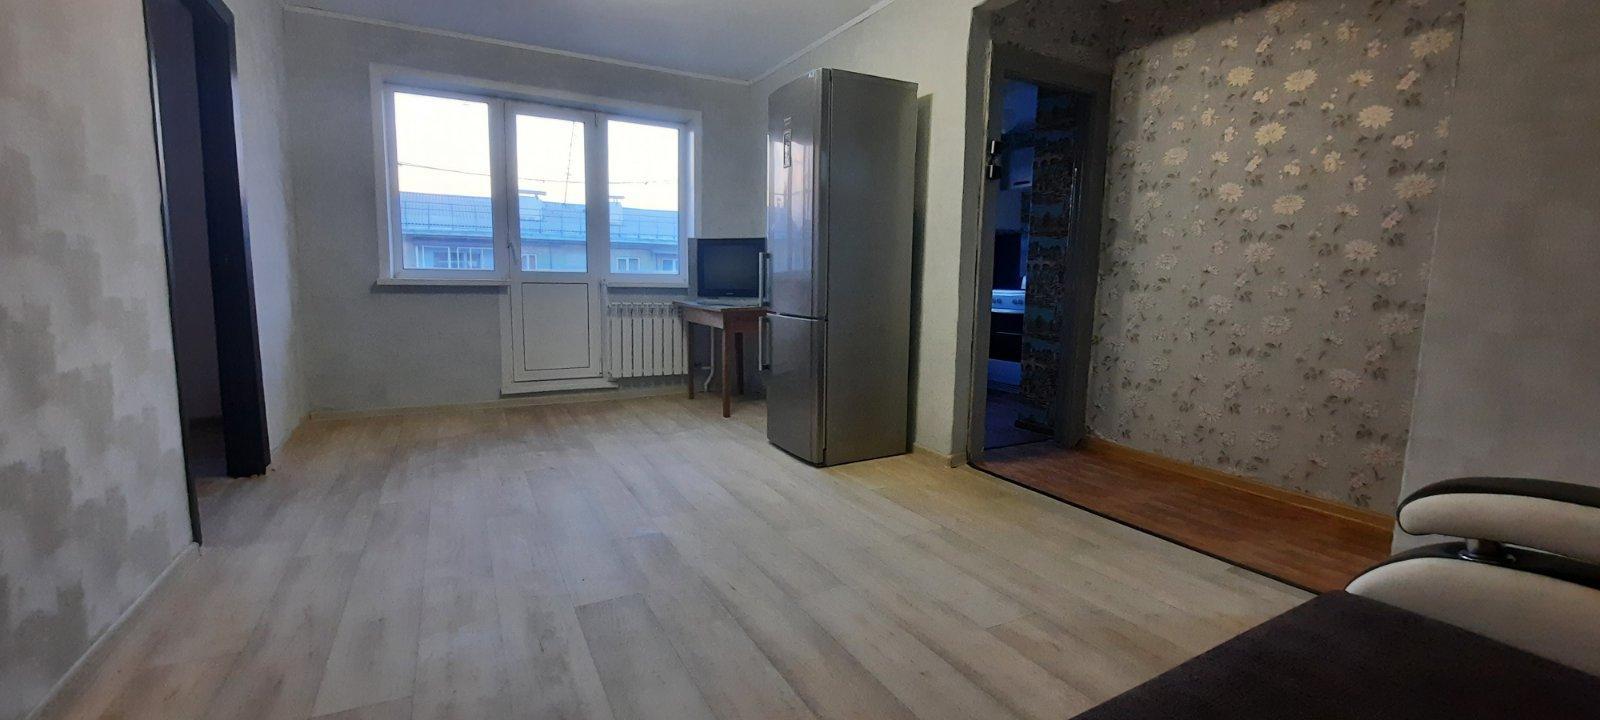 2к квартира улица Кутузова, 27   16000   аренда в Красноярске фото 4